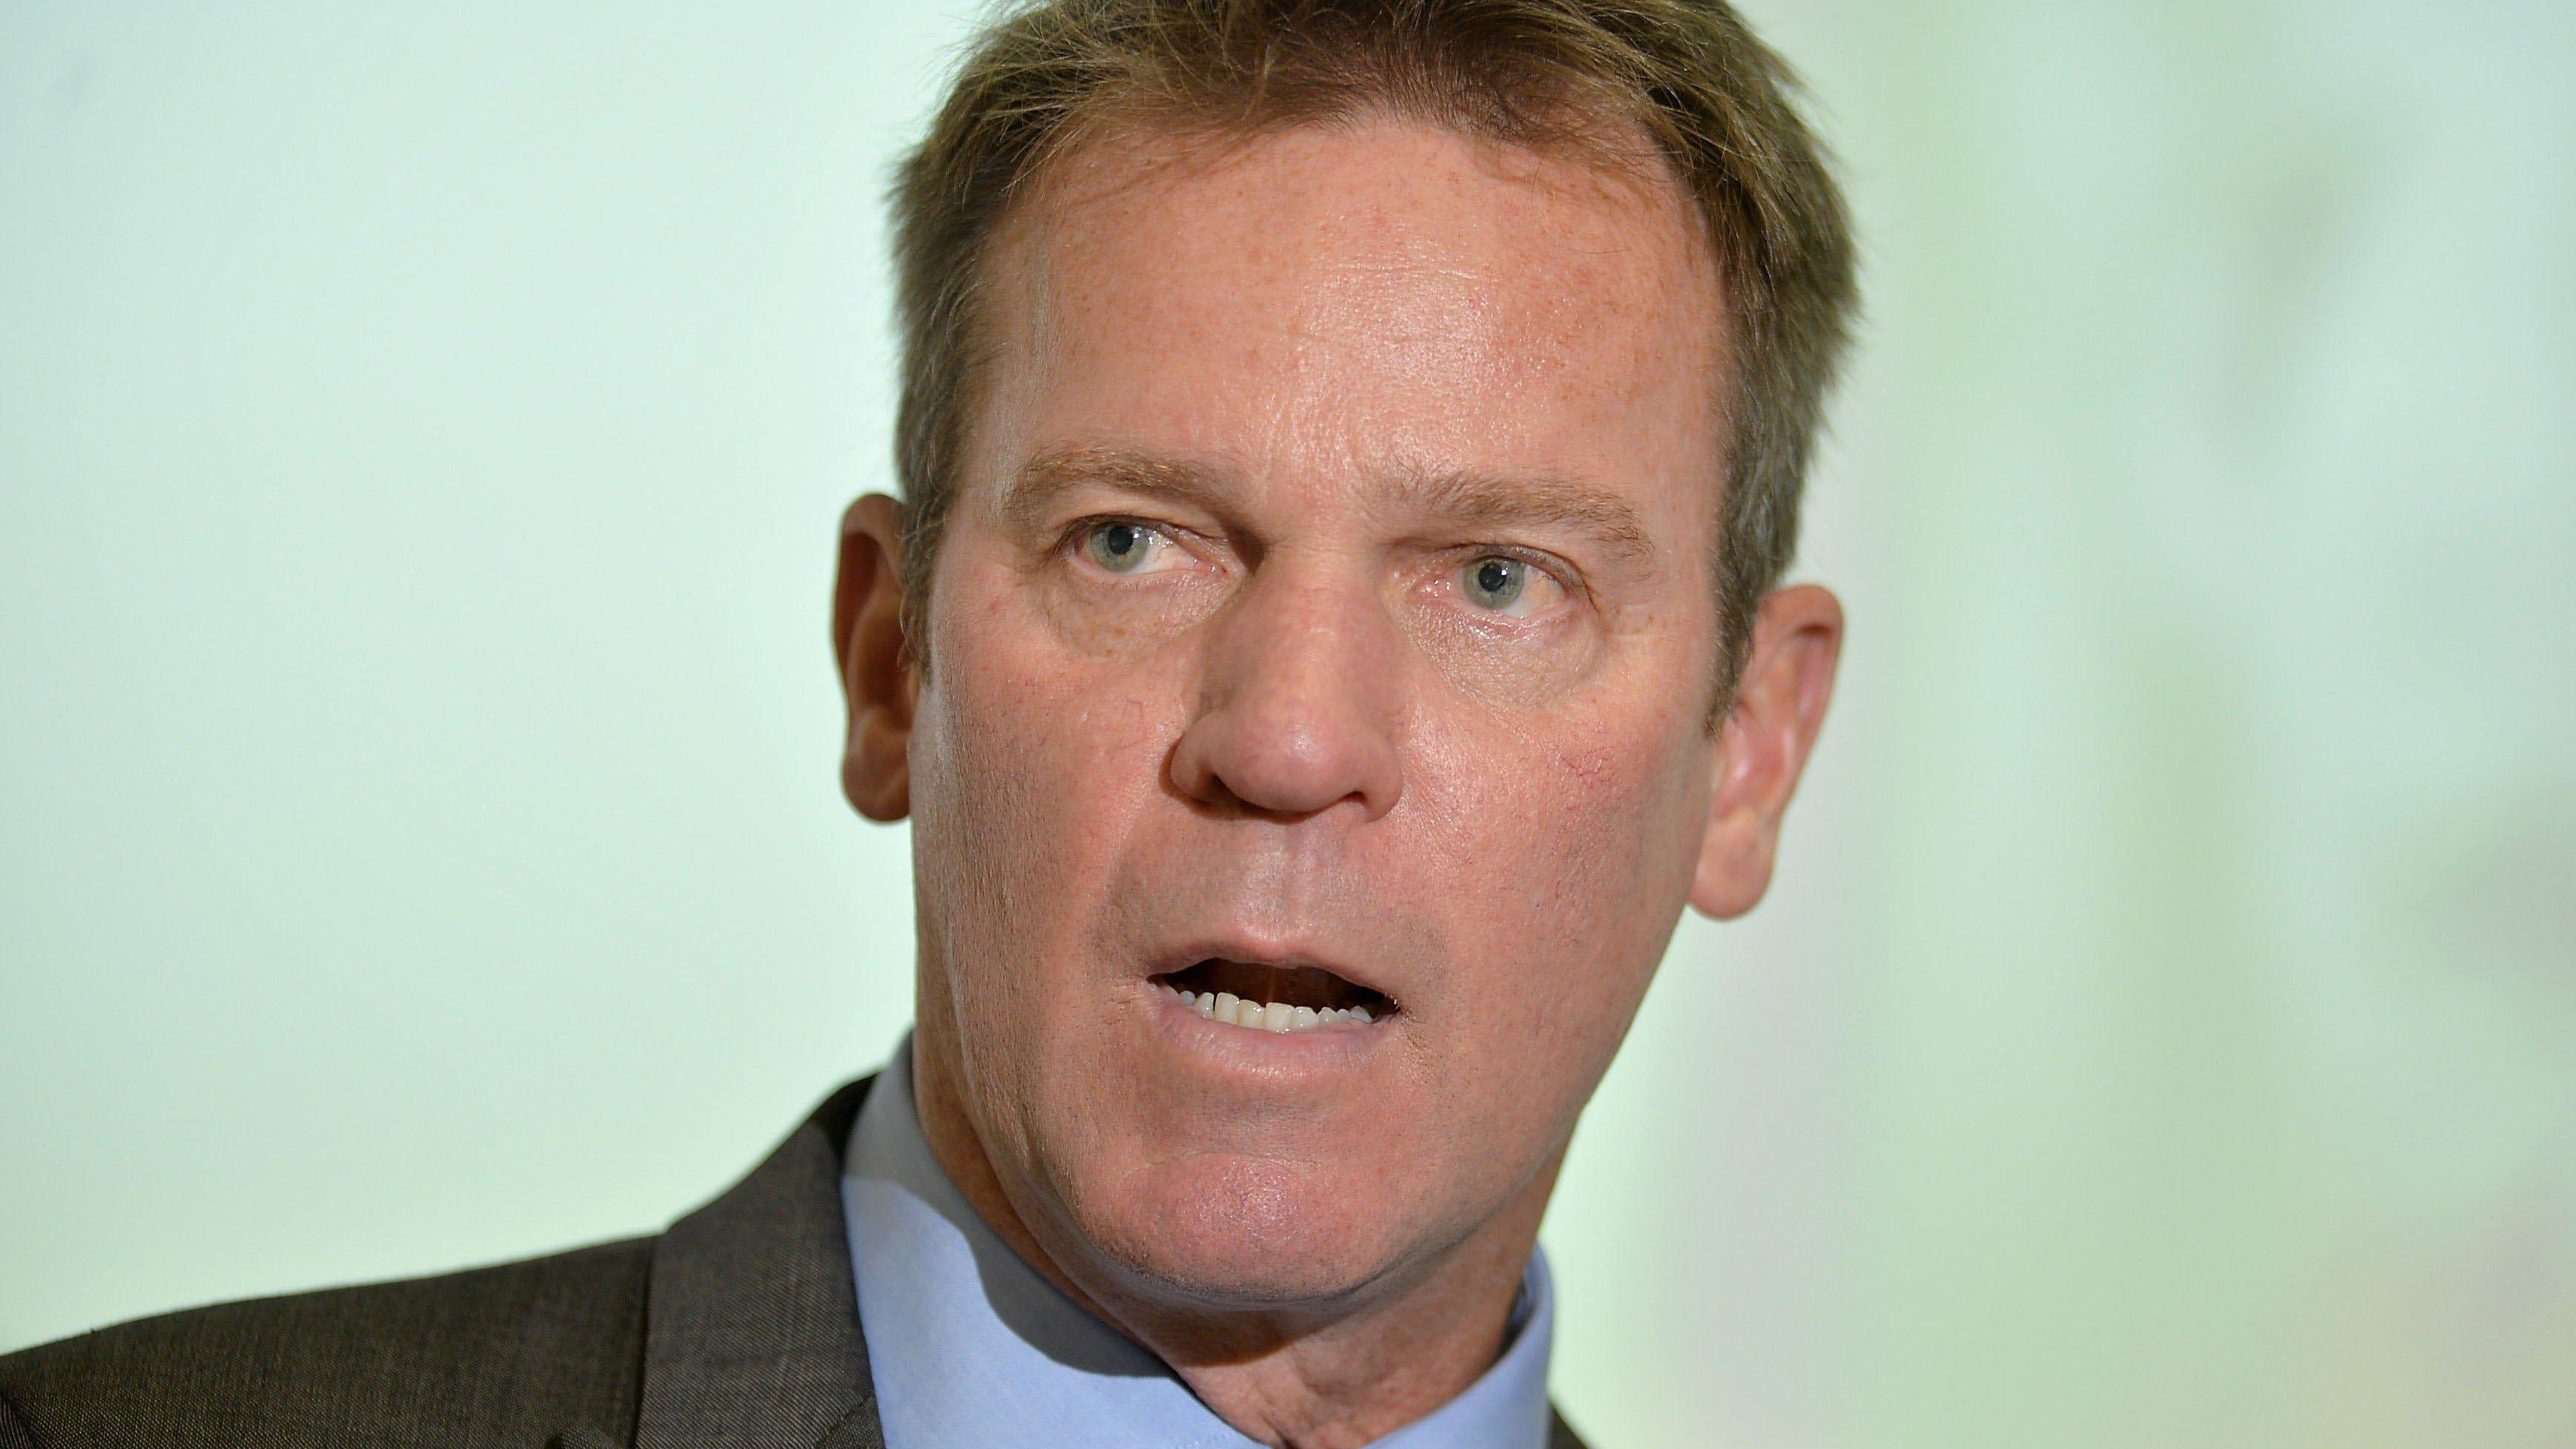 Erie's Dan Laughlin forms exploratory committee for gubernatorial bid